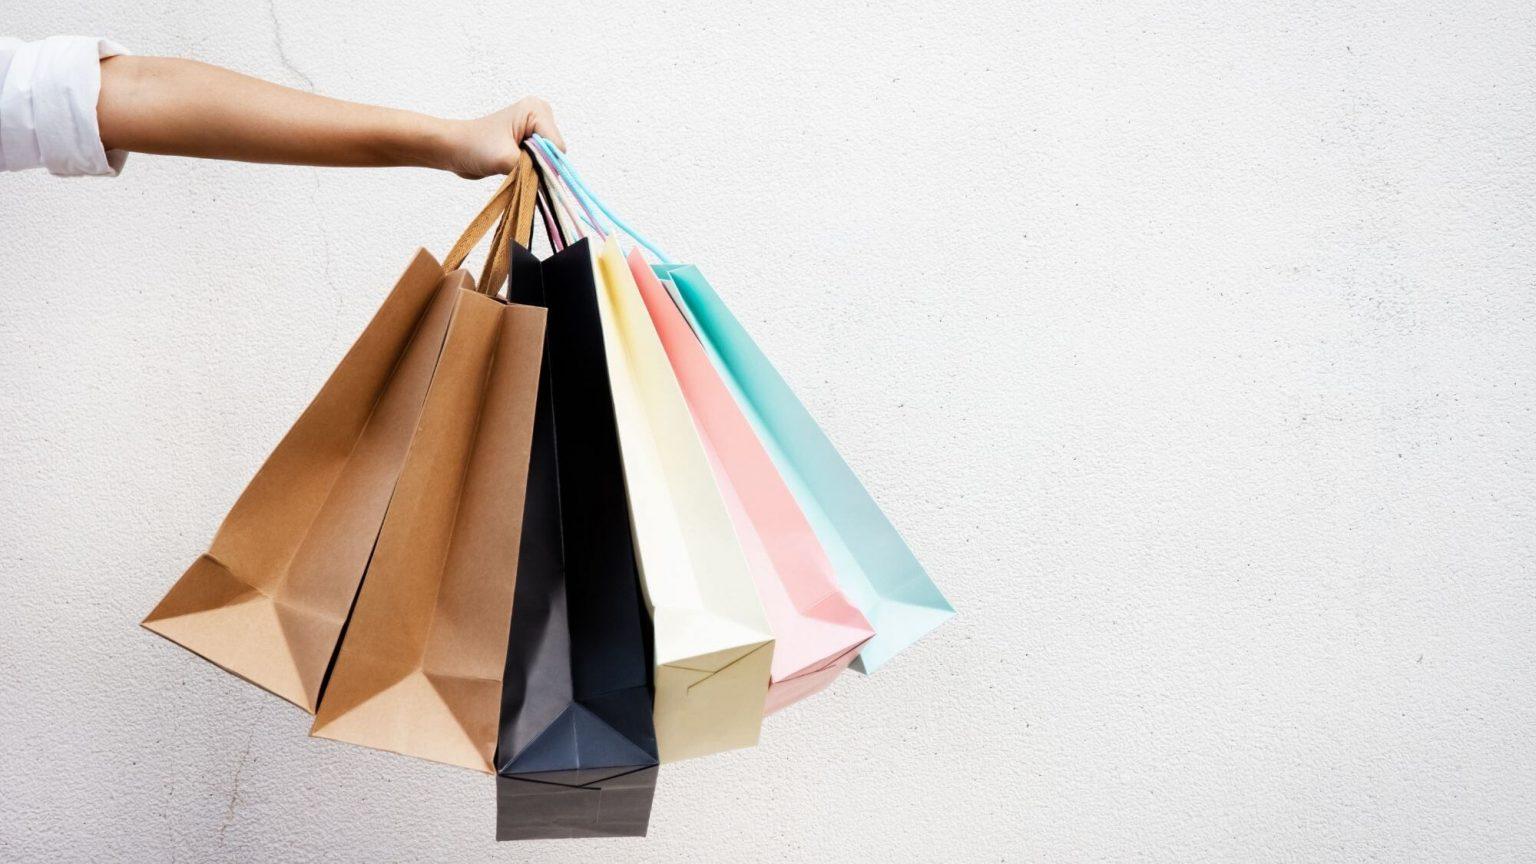 שקיות קניות - כאב התשלום